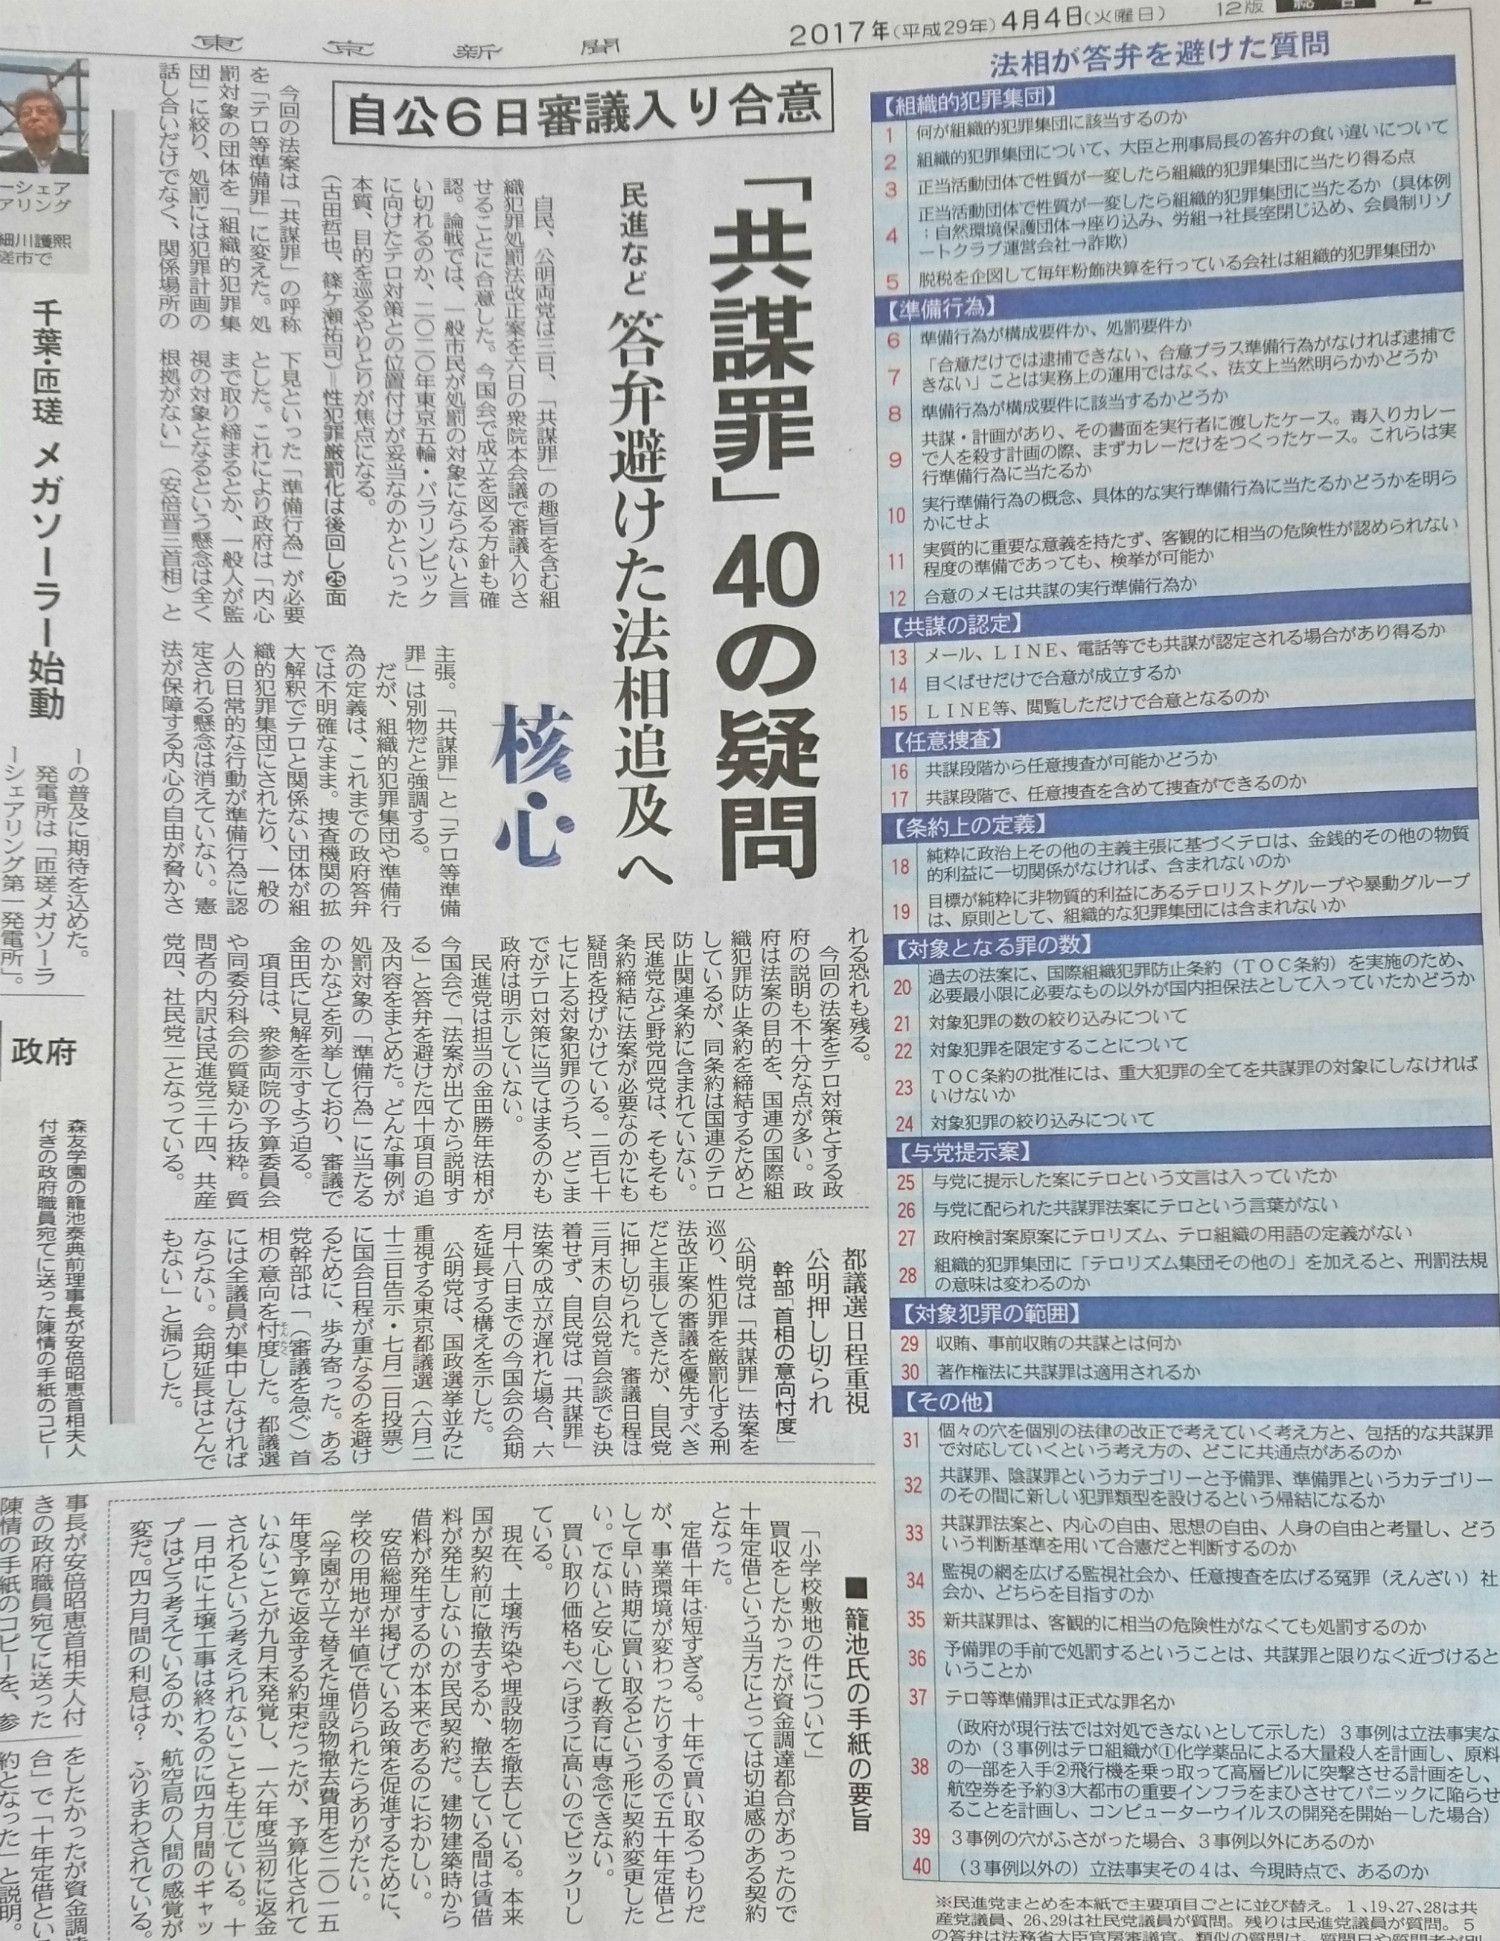 東京新聞、4月4日の朝刊で展開された「40の疑問」